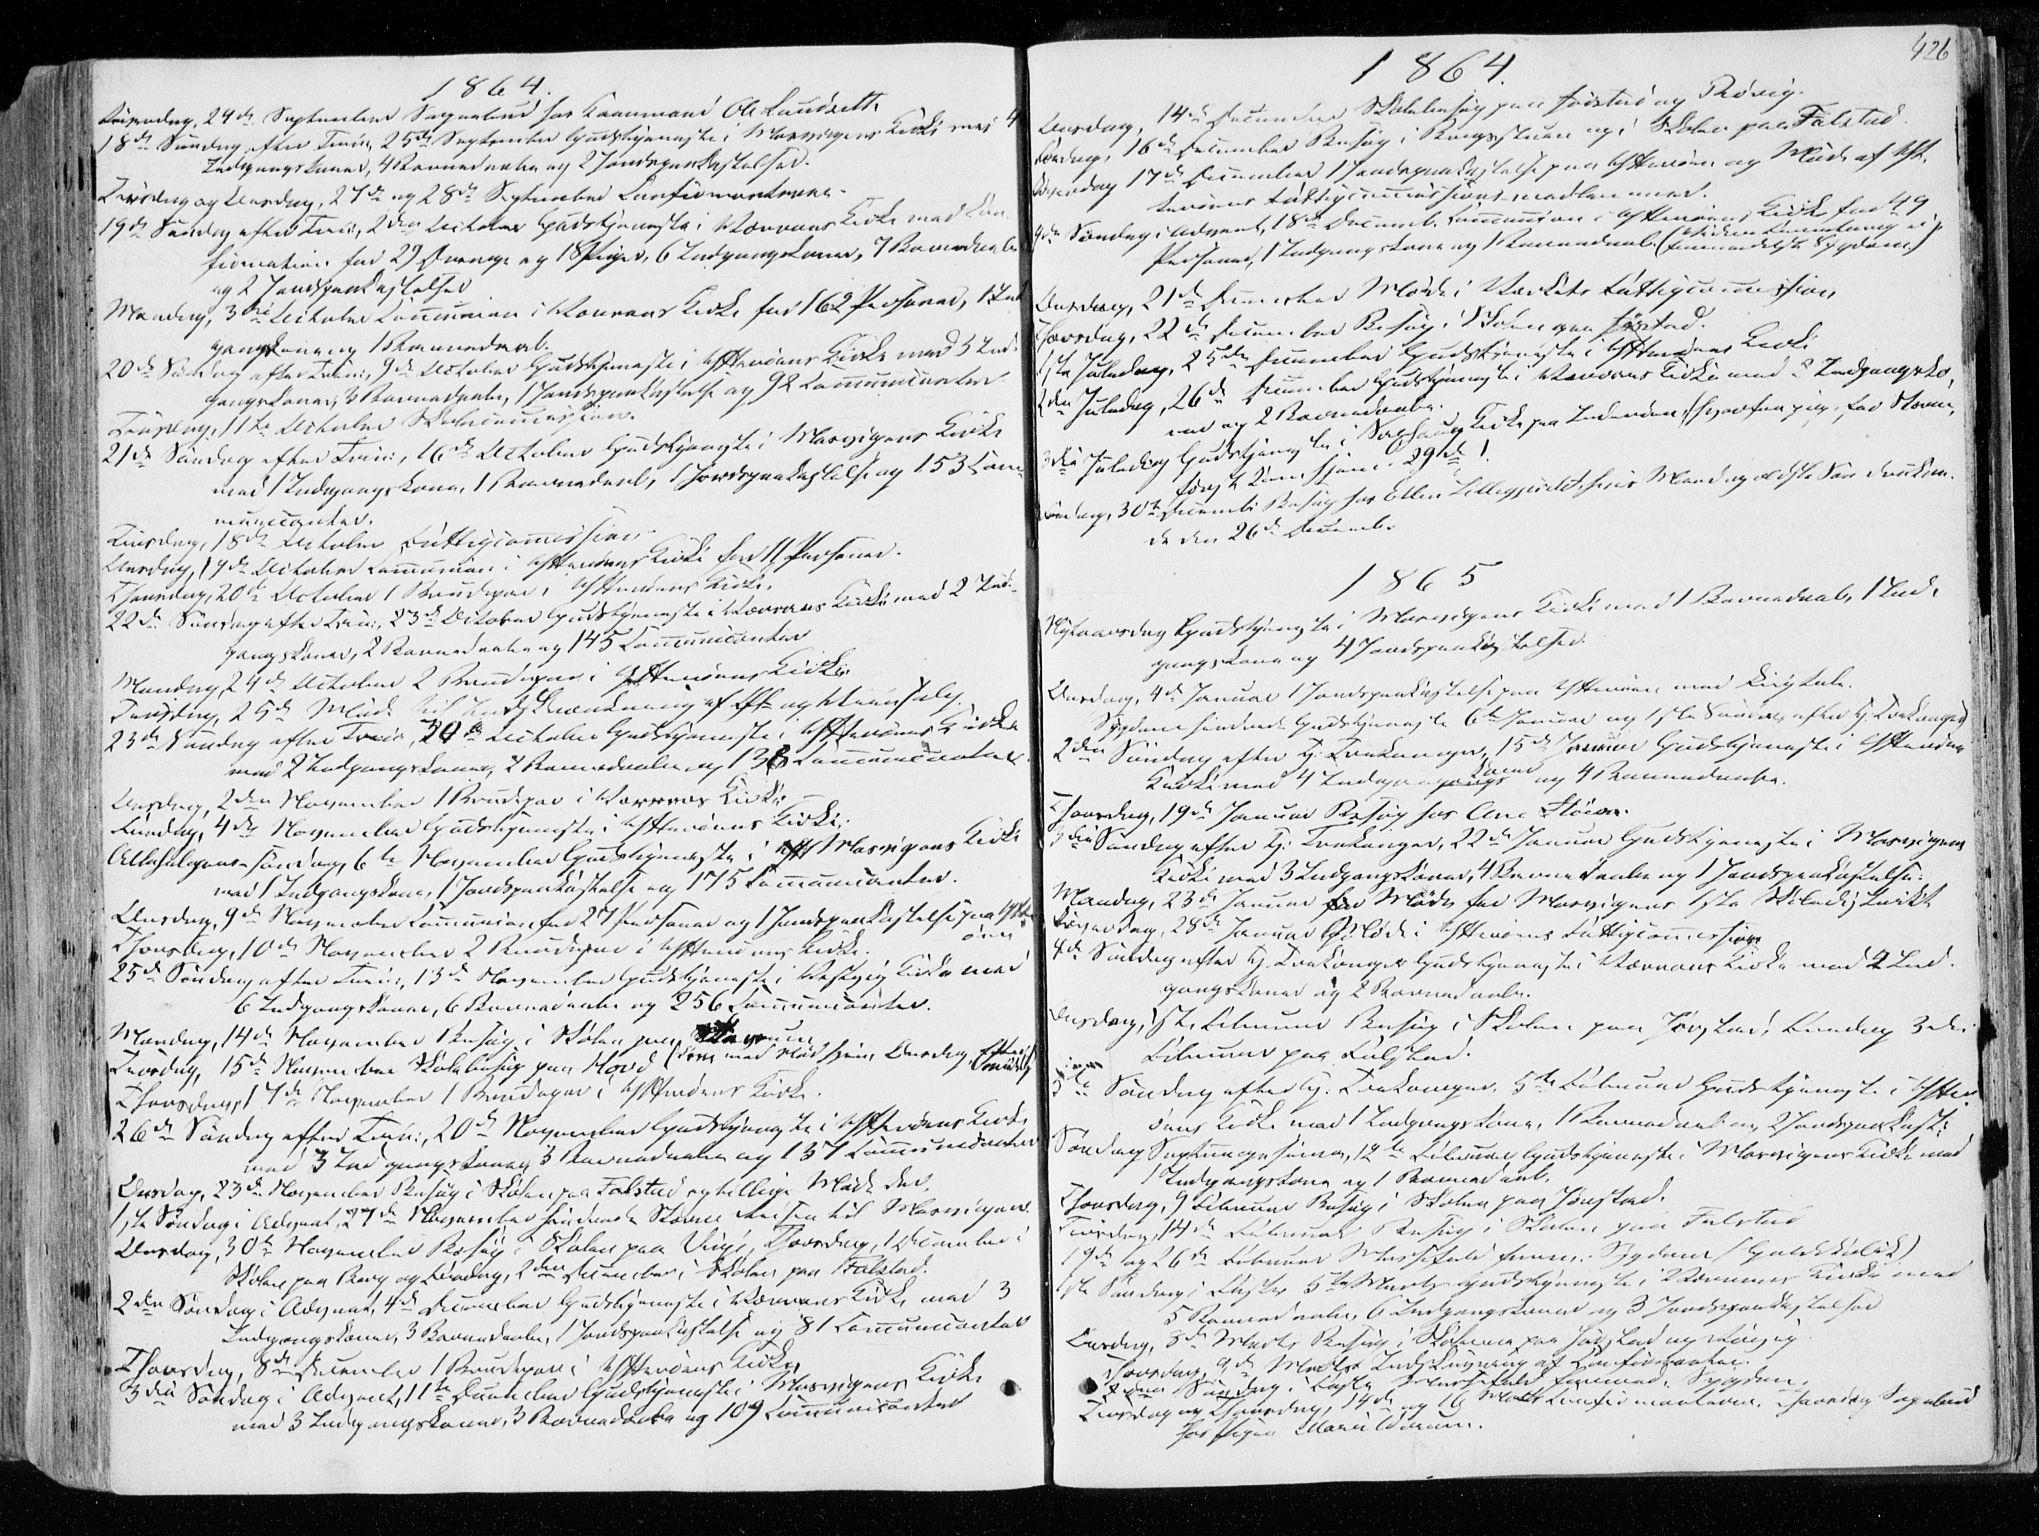 SAT, Ministerialprotokoller, klokkerbøker og fødselsregistre - Nord-Trøndelag, 722/L0218: Ministerialbok nr. 722A05, 1843-1868, s. 426